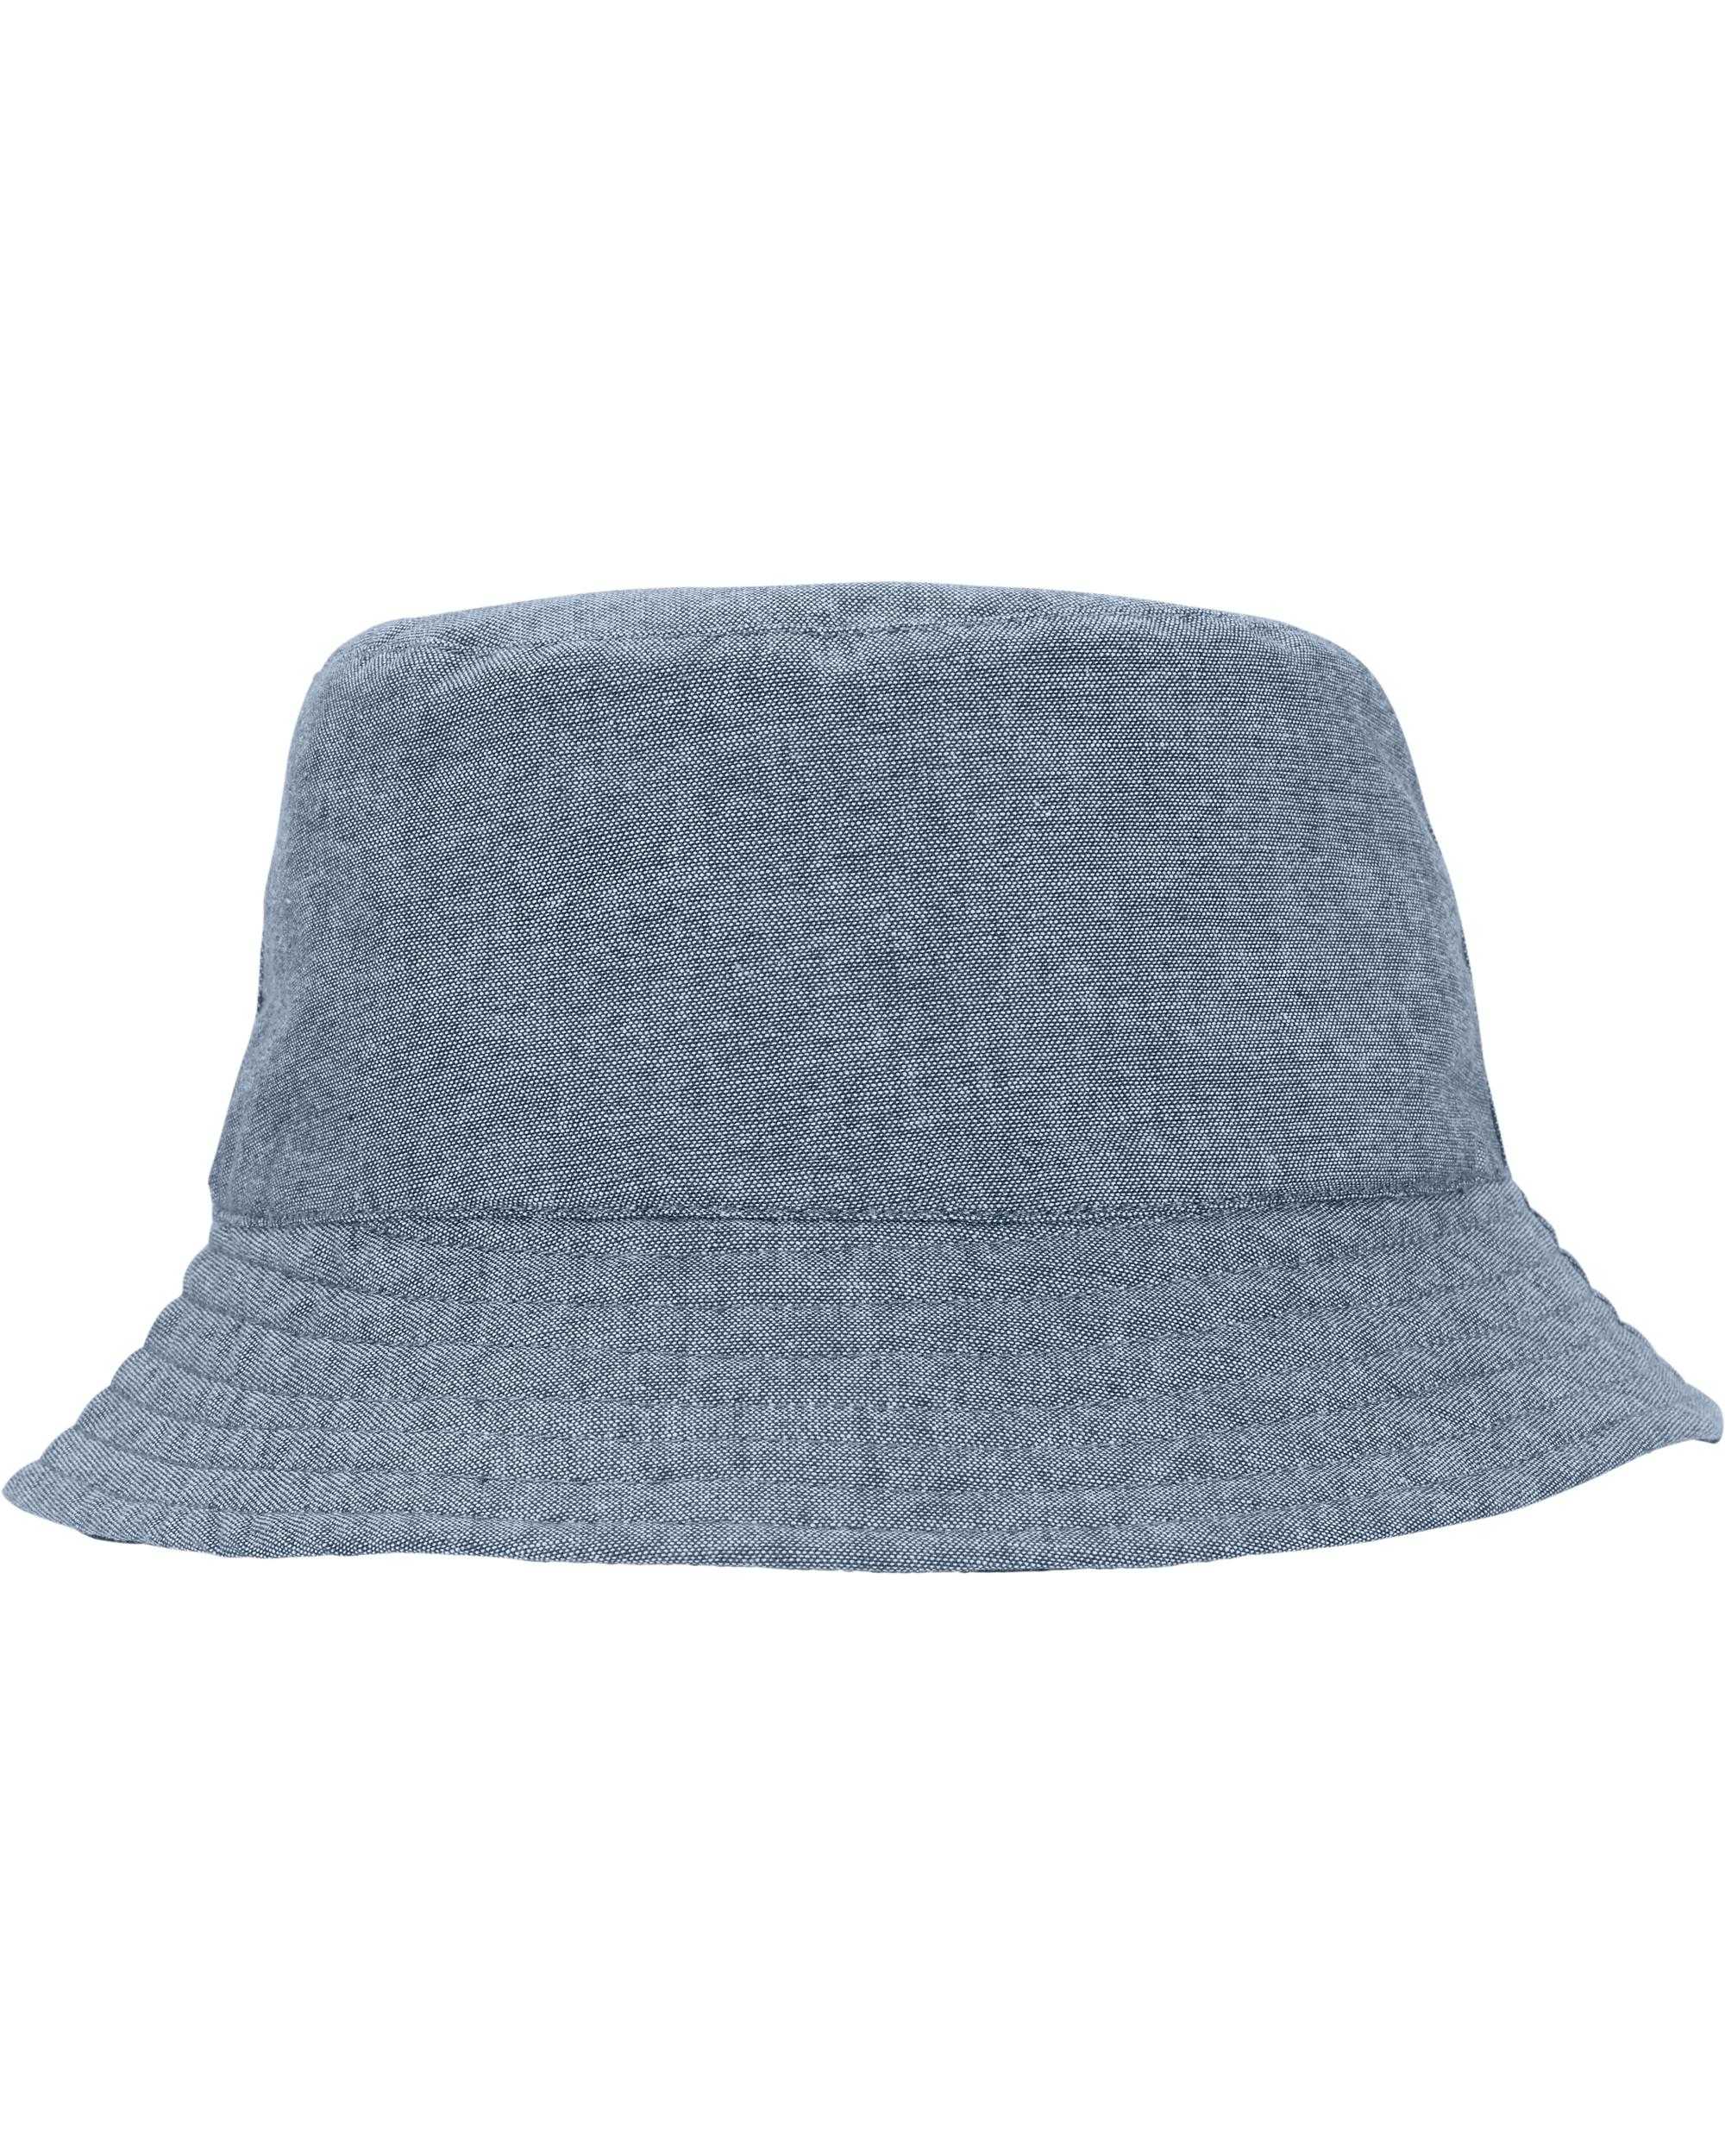 כובע  דו צדדי פסים כחול